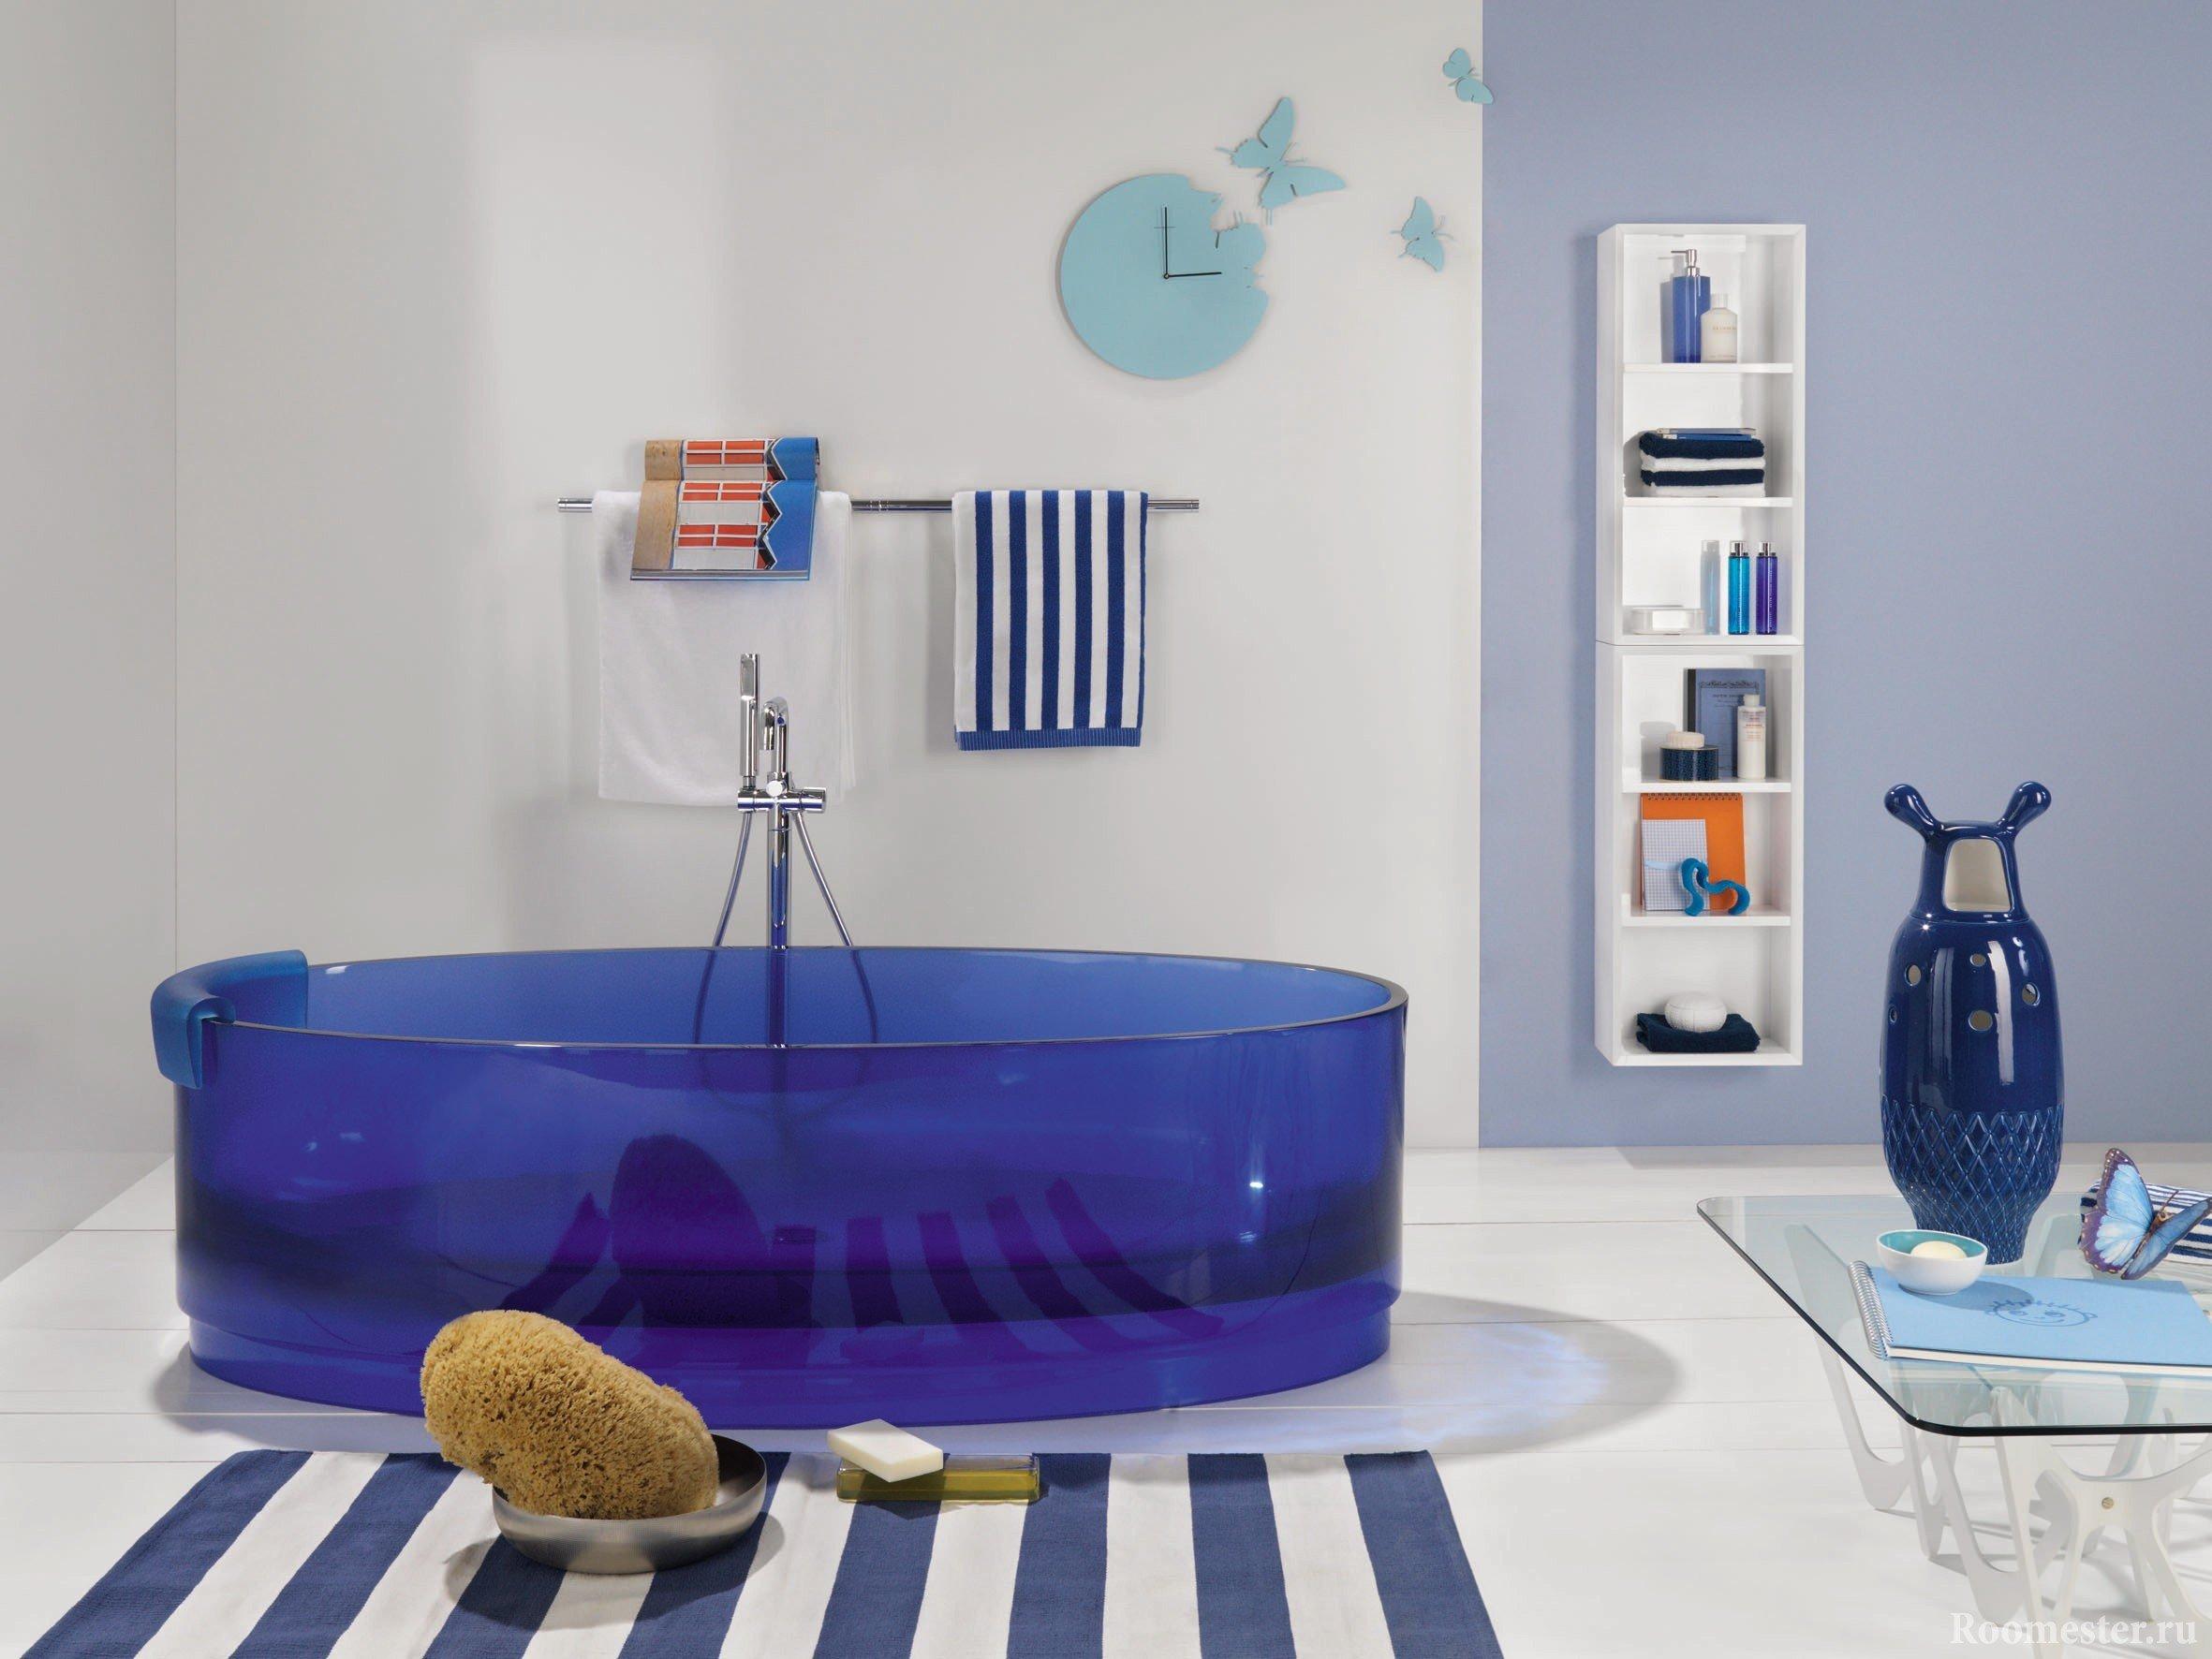 Ванна в синих цветах